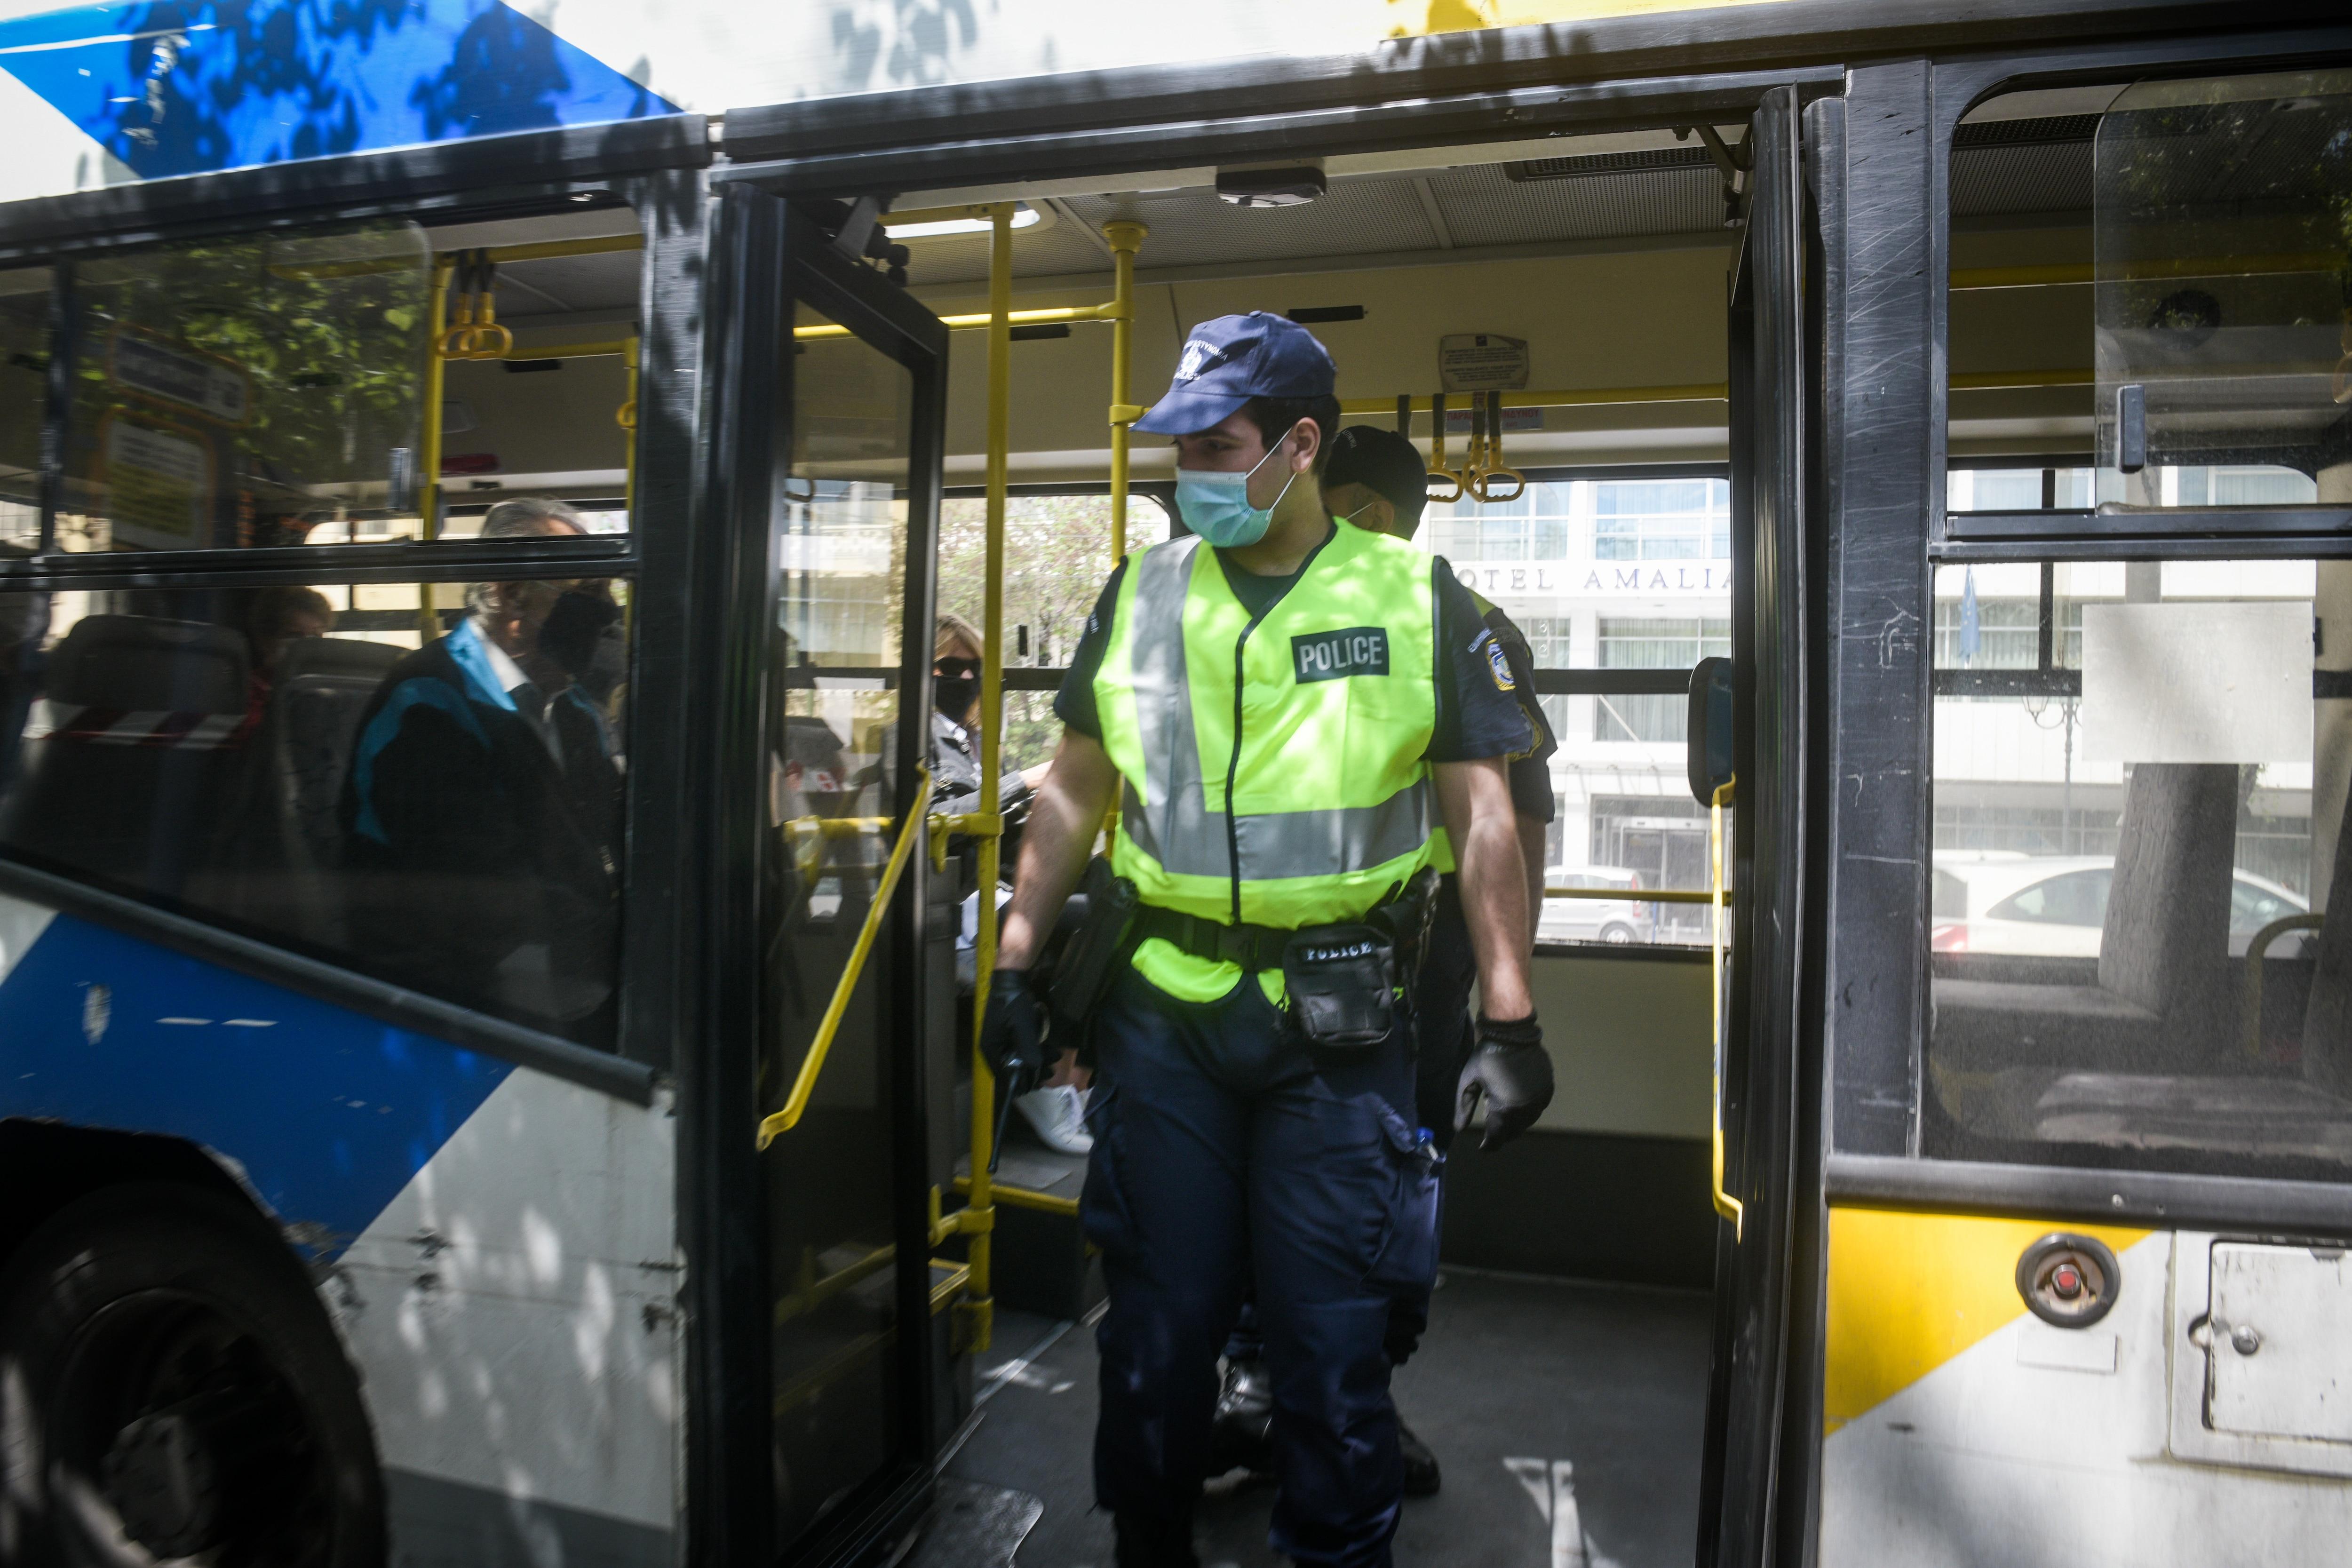 Αστυνομία έλεγχοι ΜΜΜ